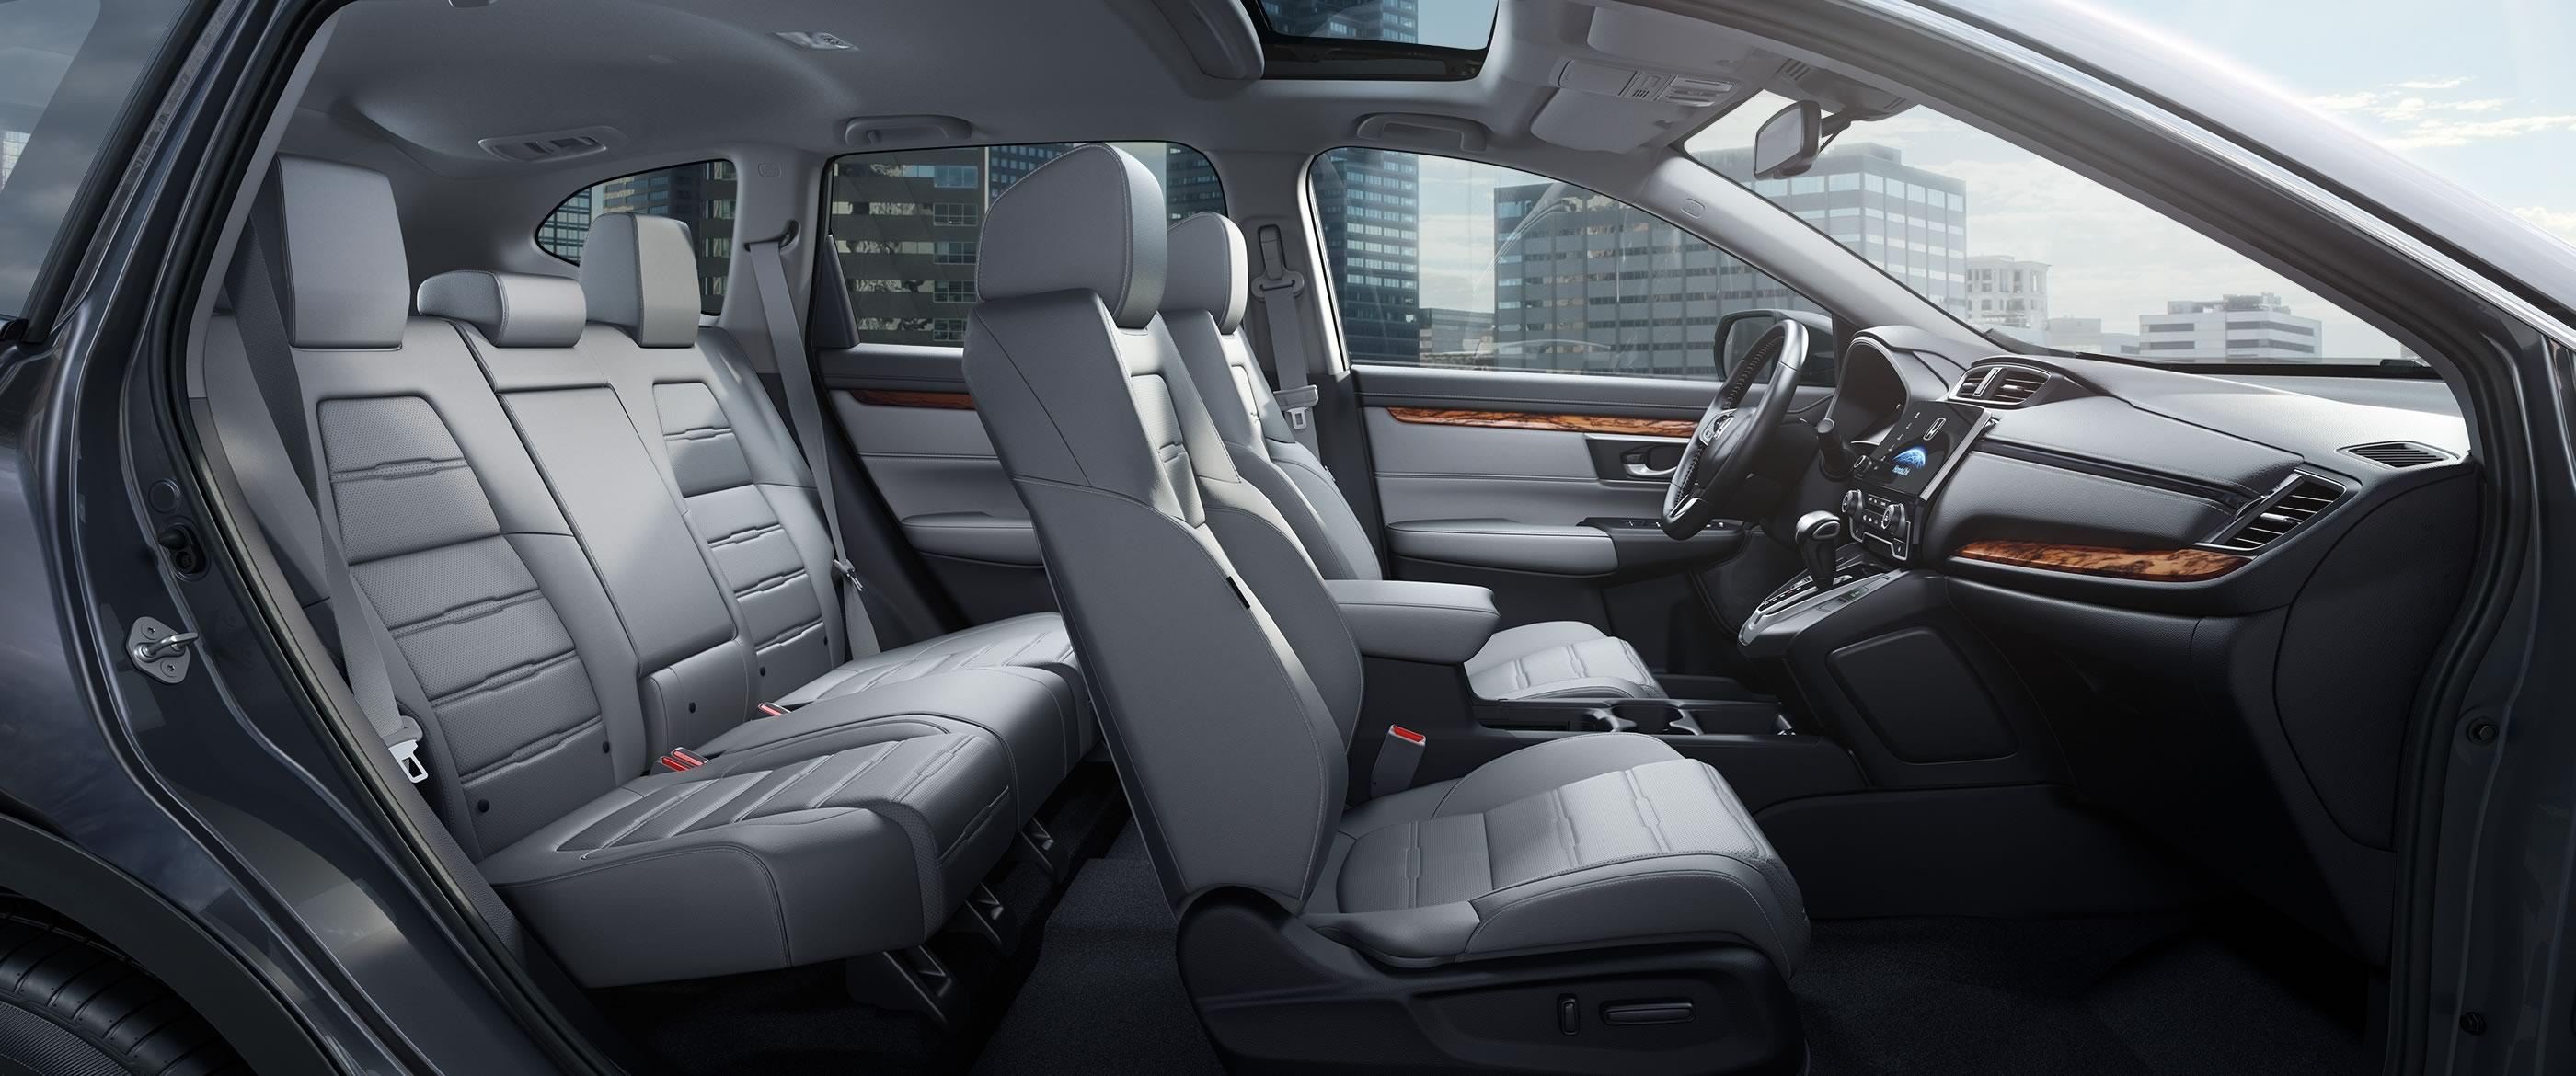 Honda CR V Lease & Price Jeff Wyler